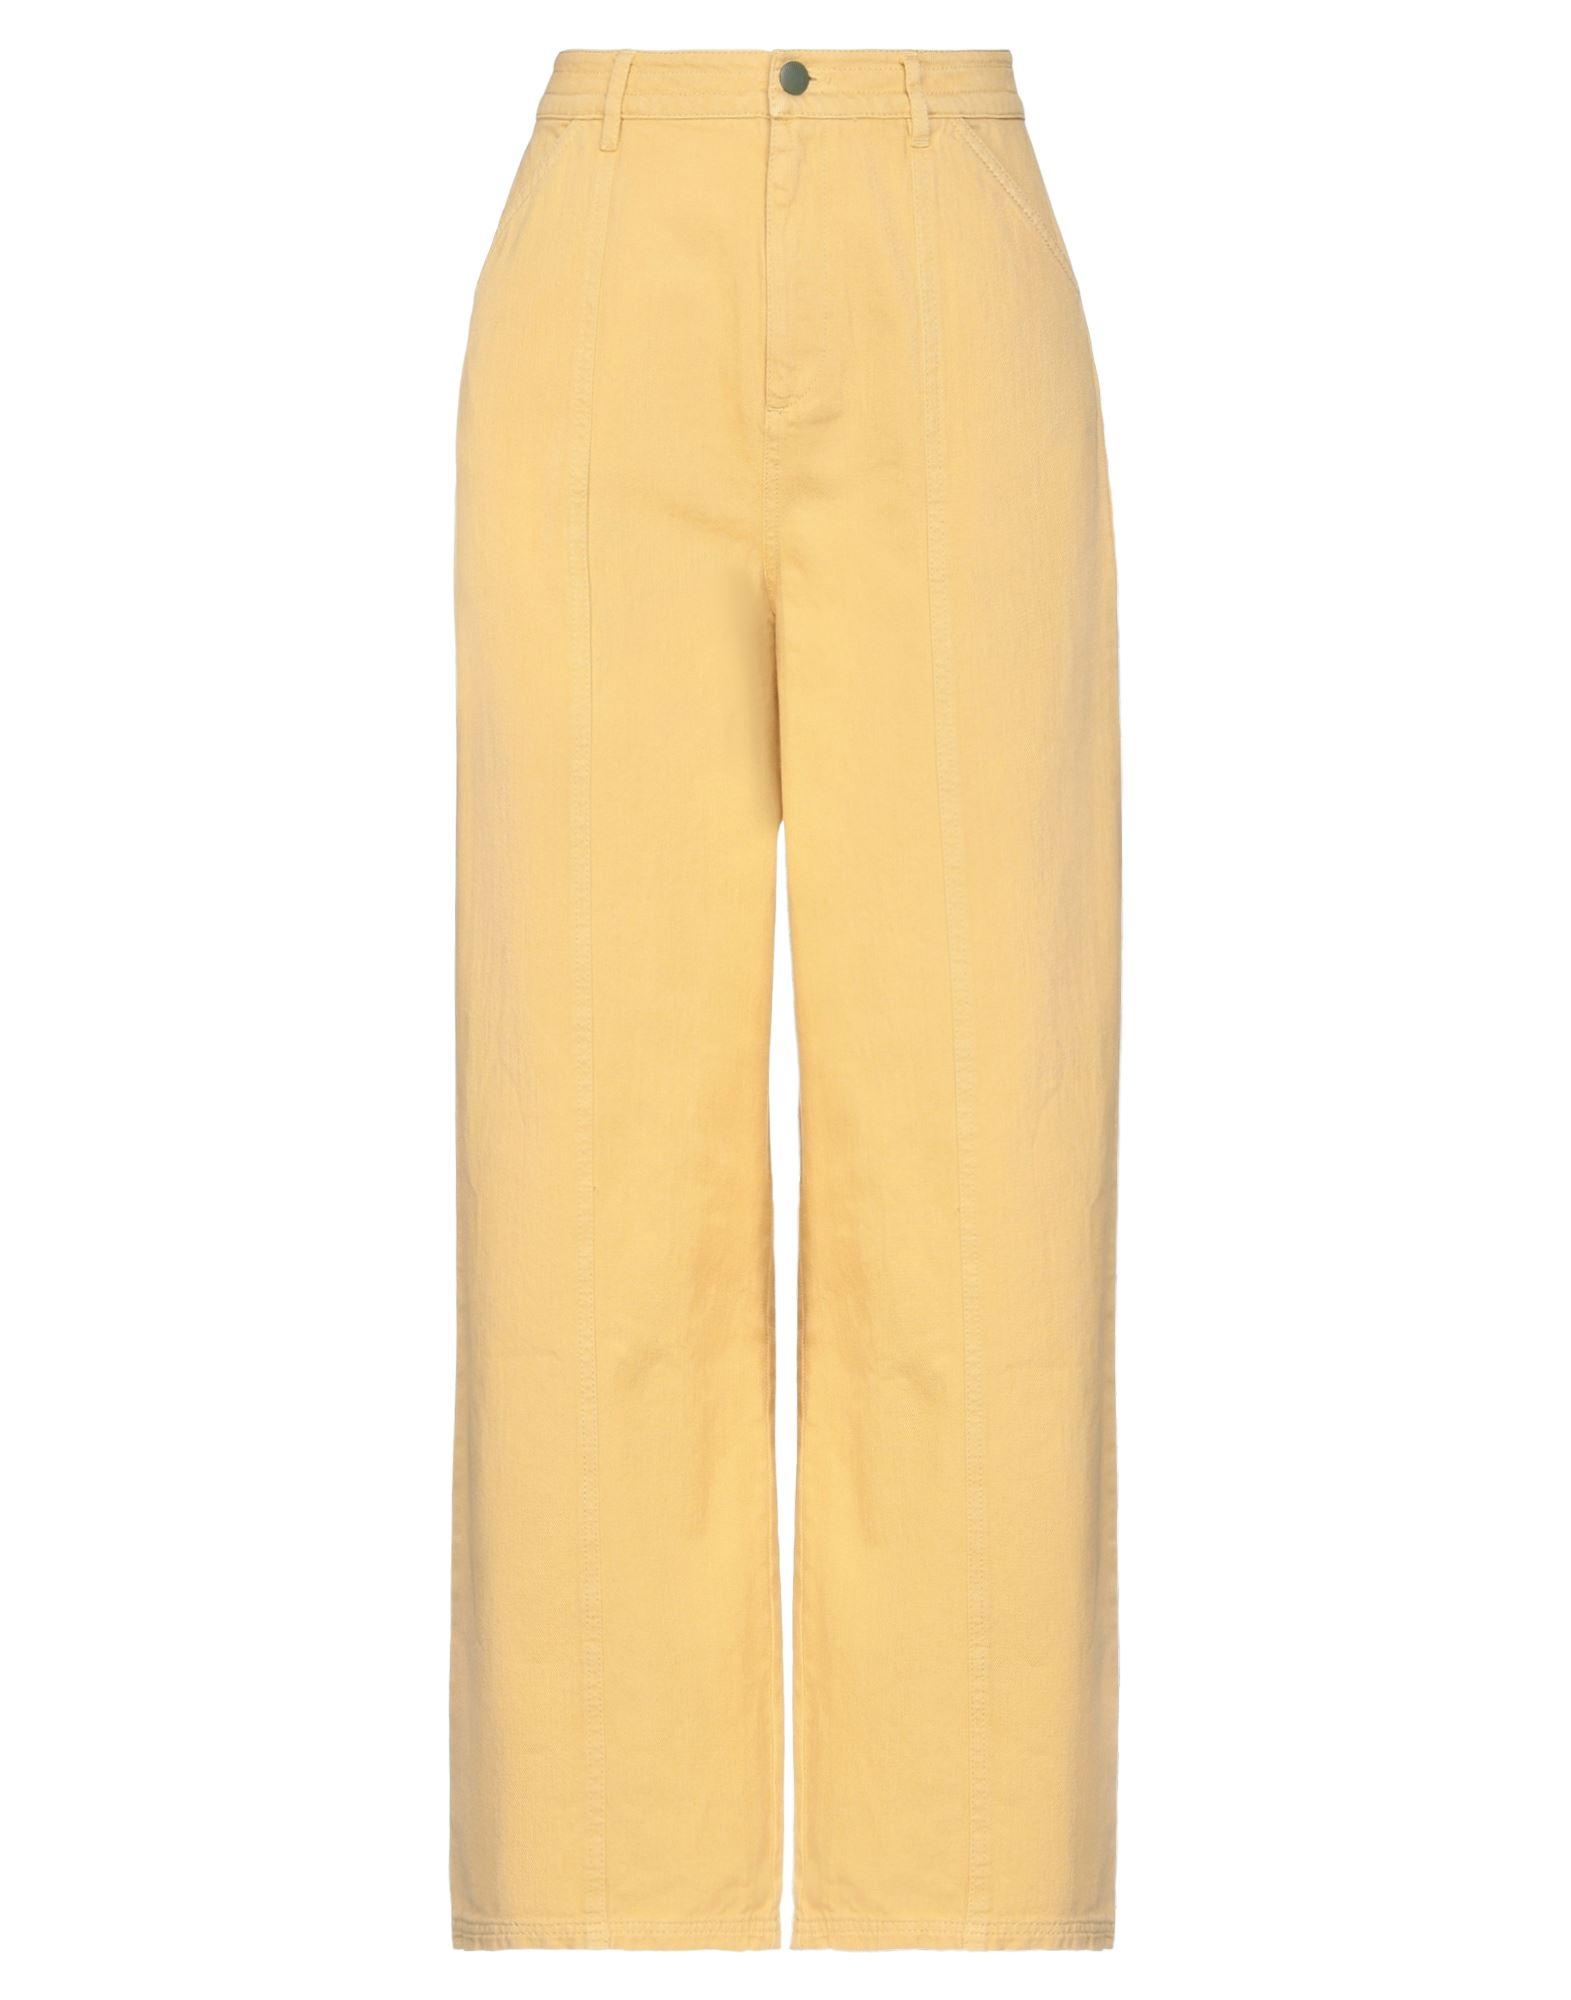 Фото - SCOUT Джинсовые брюки scout джинсовые брюки